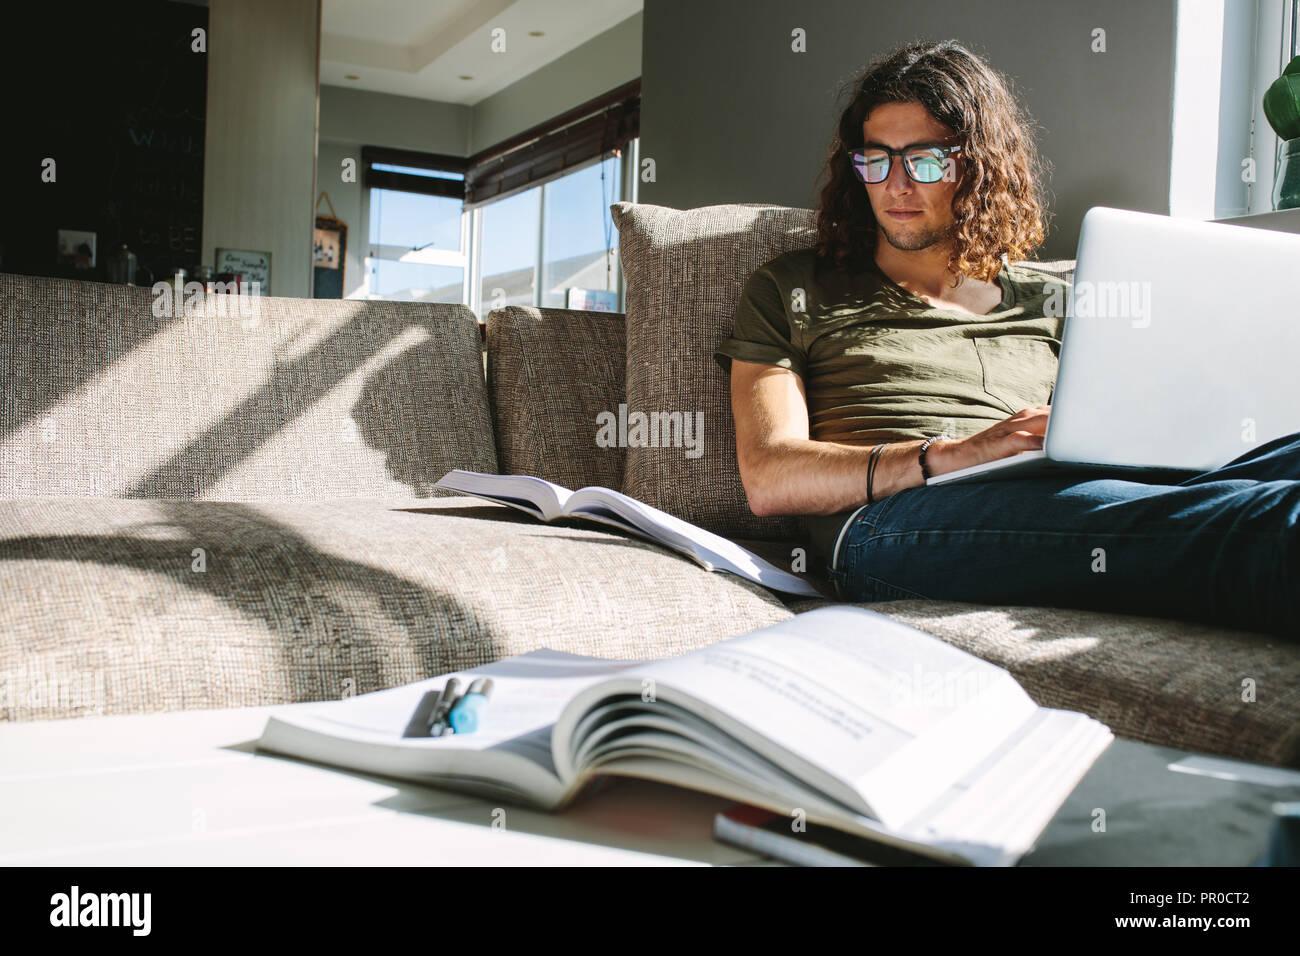 Jeune homme d'étudier pour les examens assis sur table à la maison avec la lumière du soleil venant de la fenêtre. Étudiant étranger pour l'examen sur ordinateur portable avec des livres à l'avant. Photo Stock